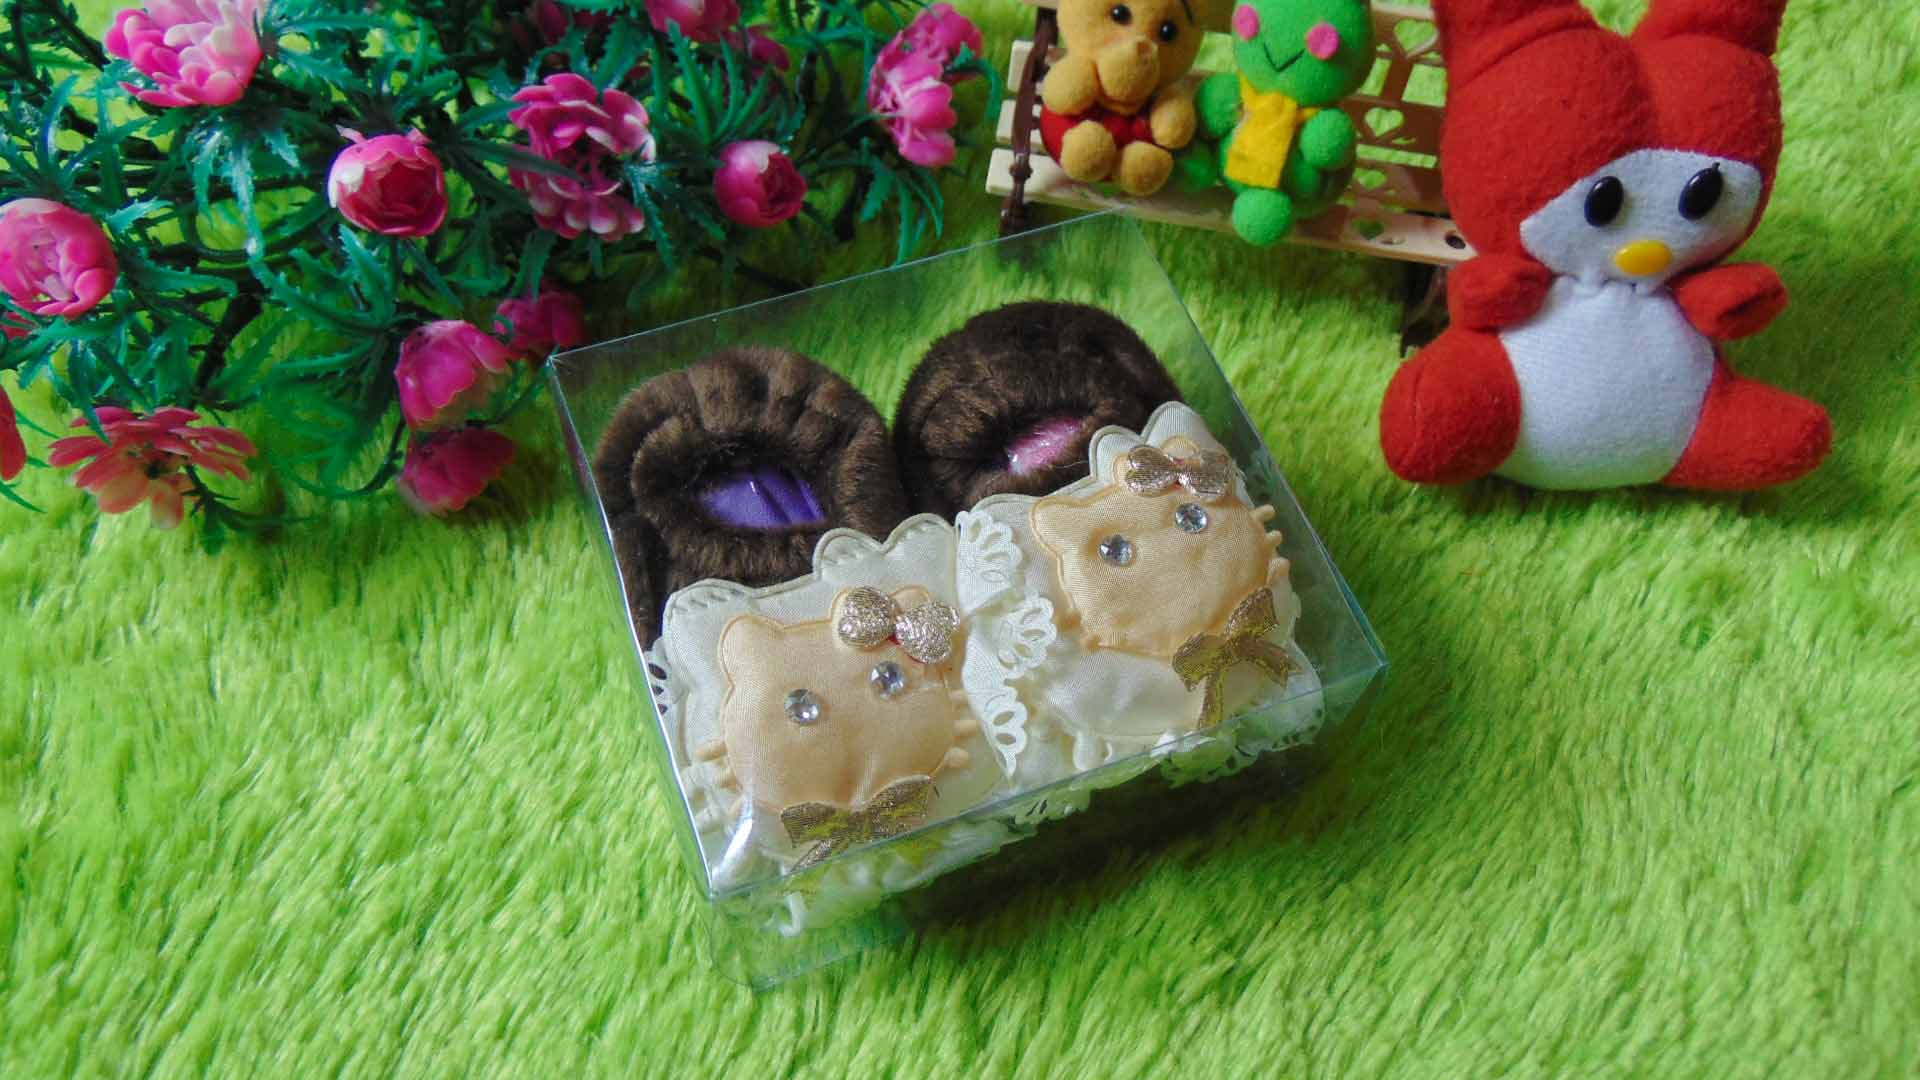 sepatu prewalker bayi newborn bulu cokelat hello kitty Rp 29.000 muat untuk 0-6 bulan lucu dan imut untuk kado ada box mikanya,cocok untuk kado bayi (2)